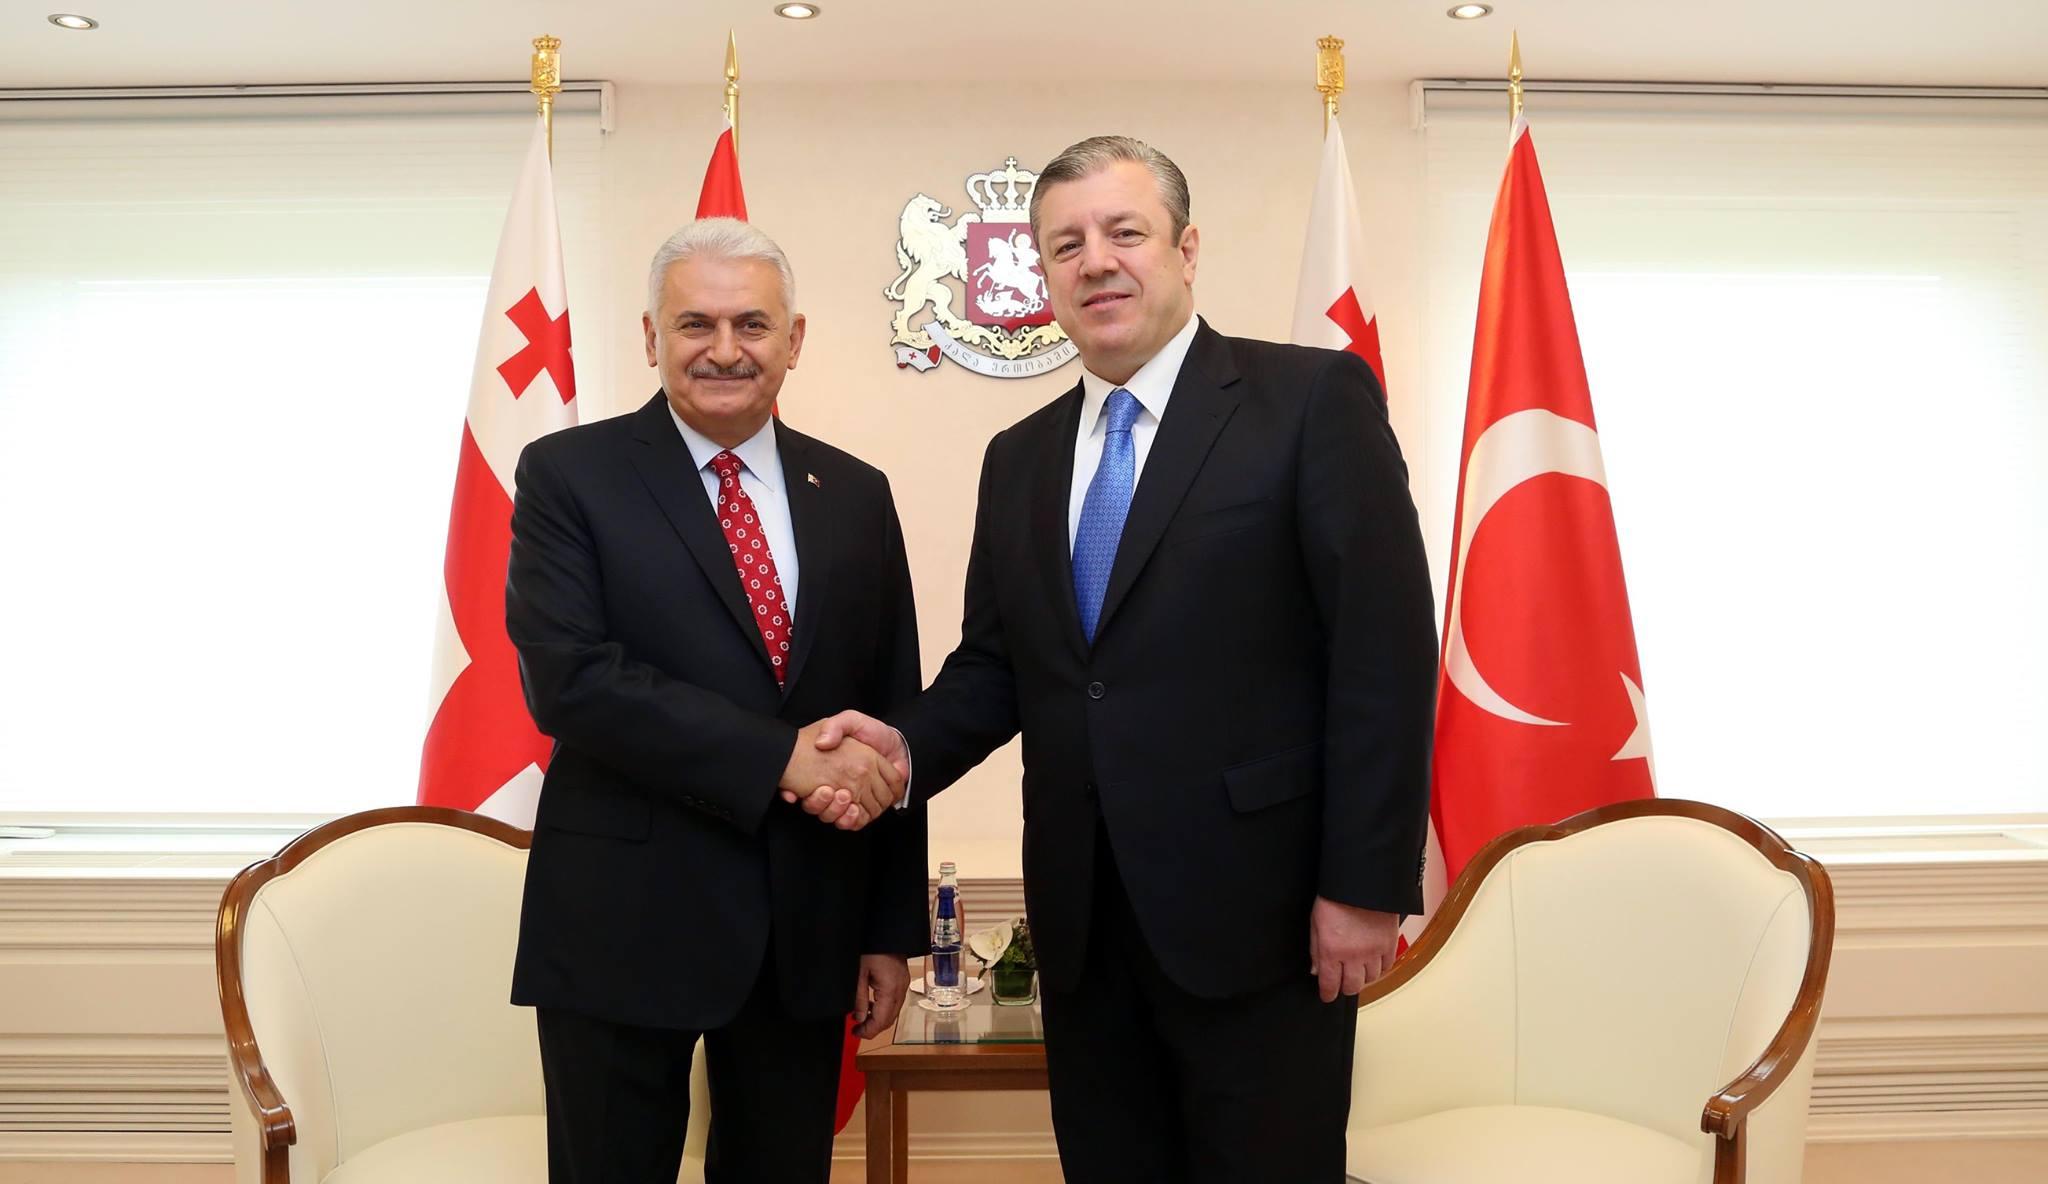 Грузия придает важное значение отношениям с Турцией